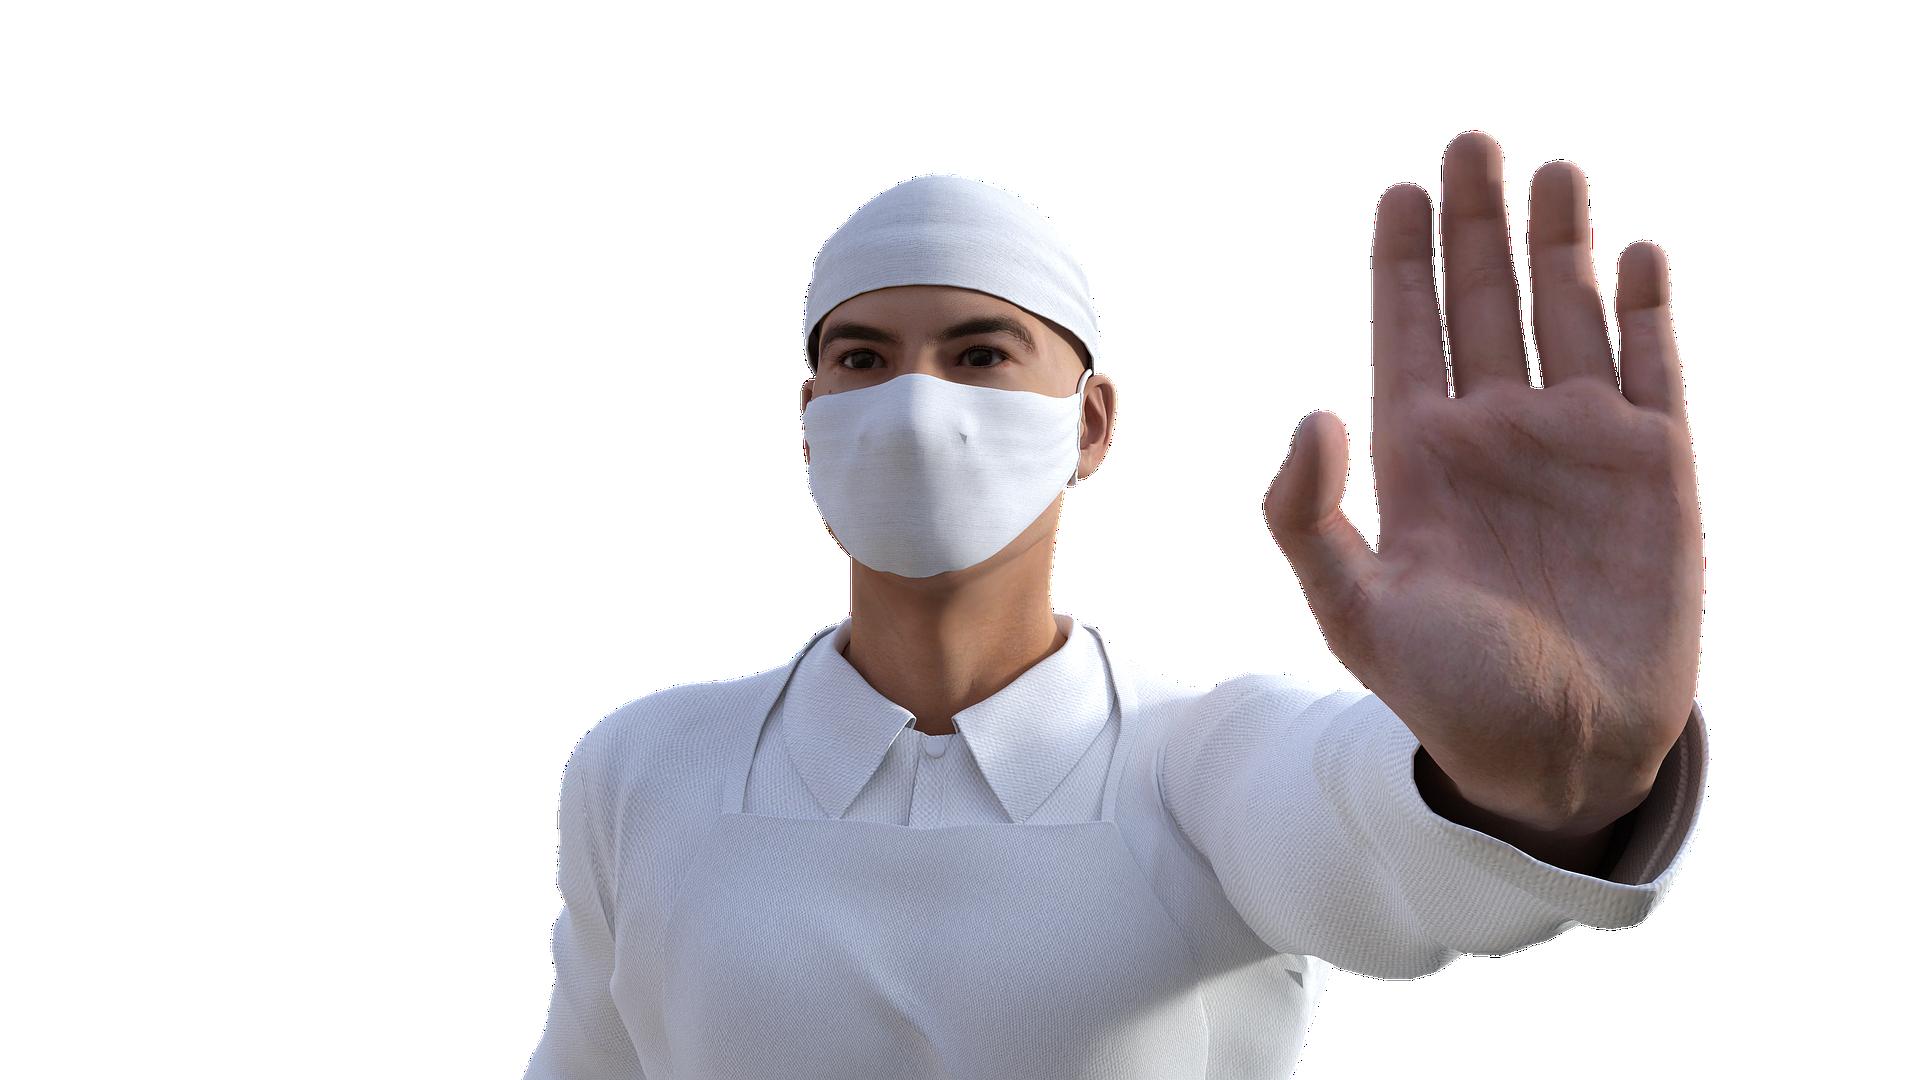 L'ARS appelle à respecter les gestes barrière. Image par Sergei Tokmakov, Esq. de Pixabay